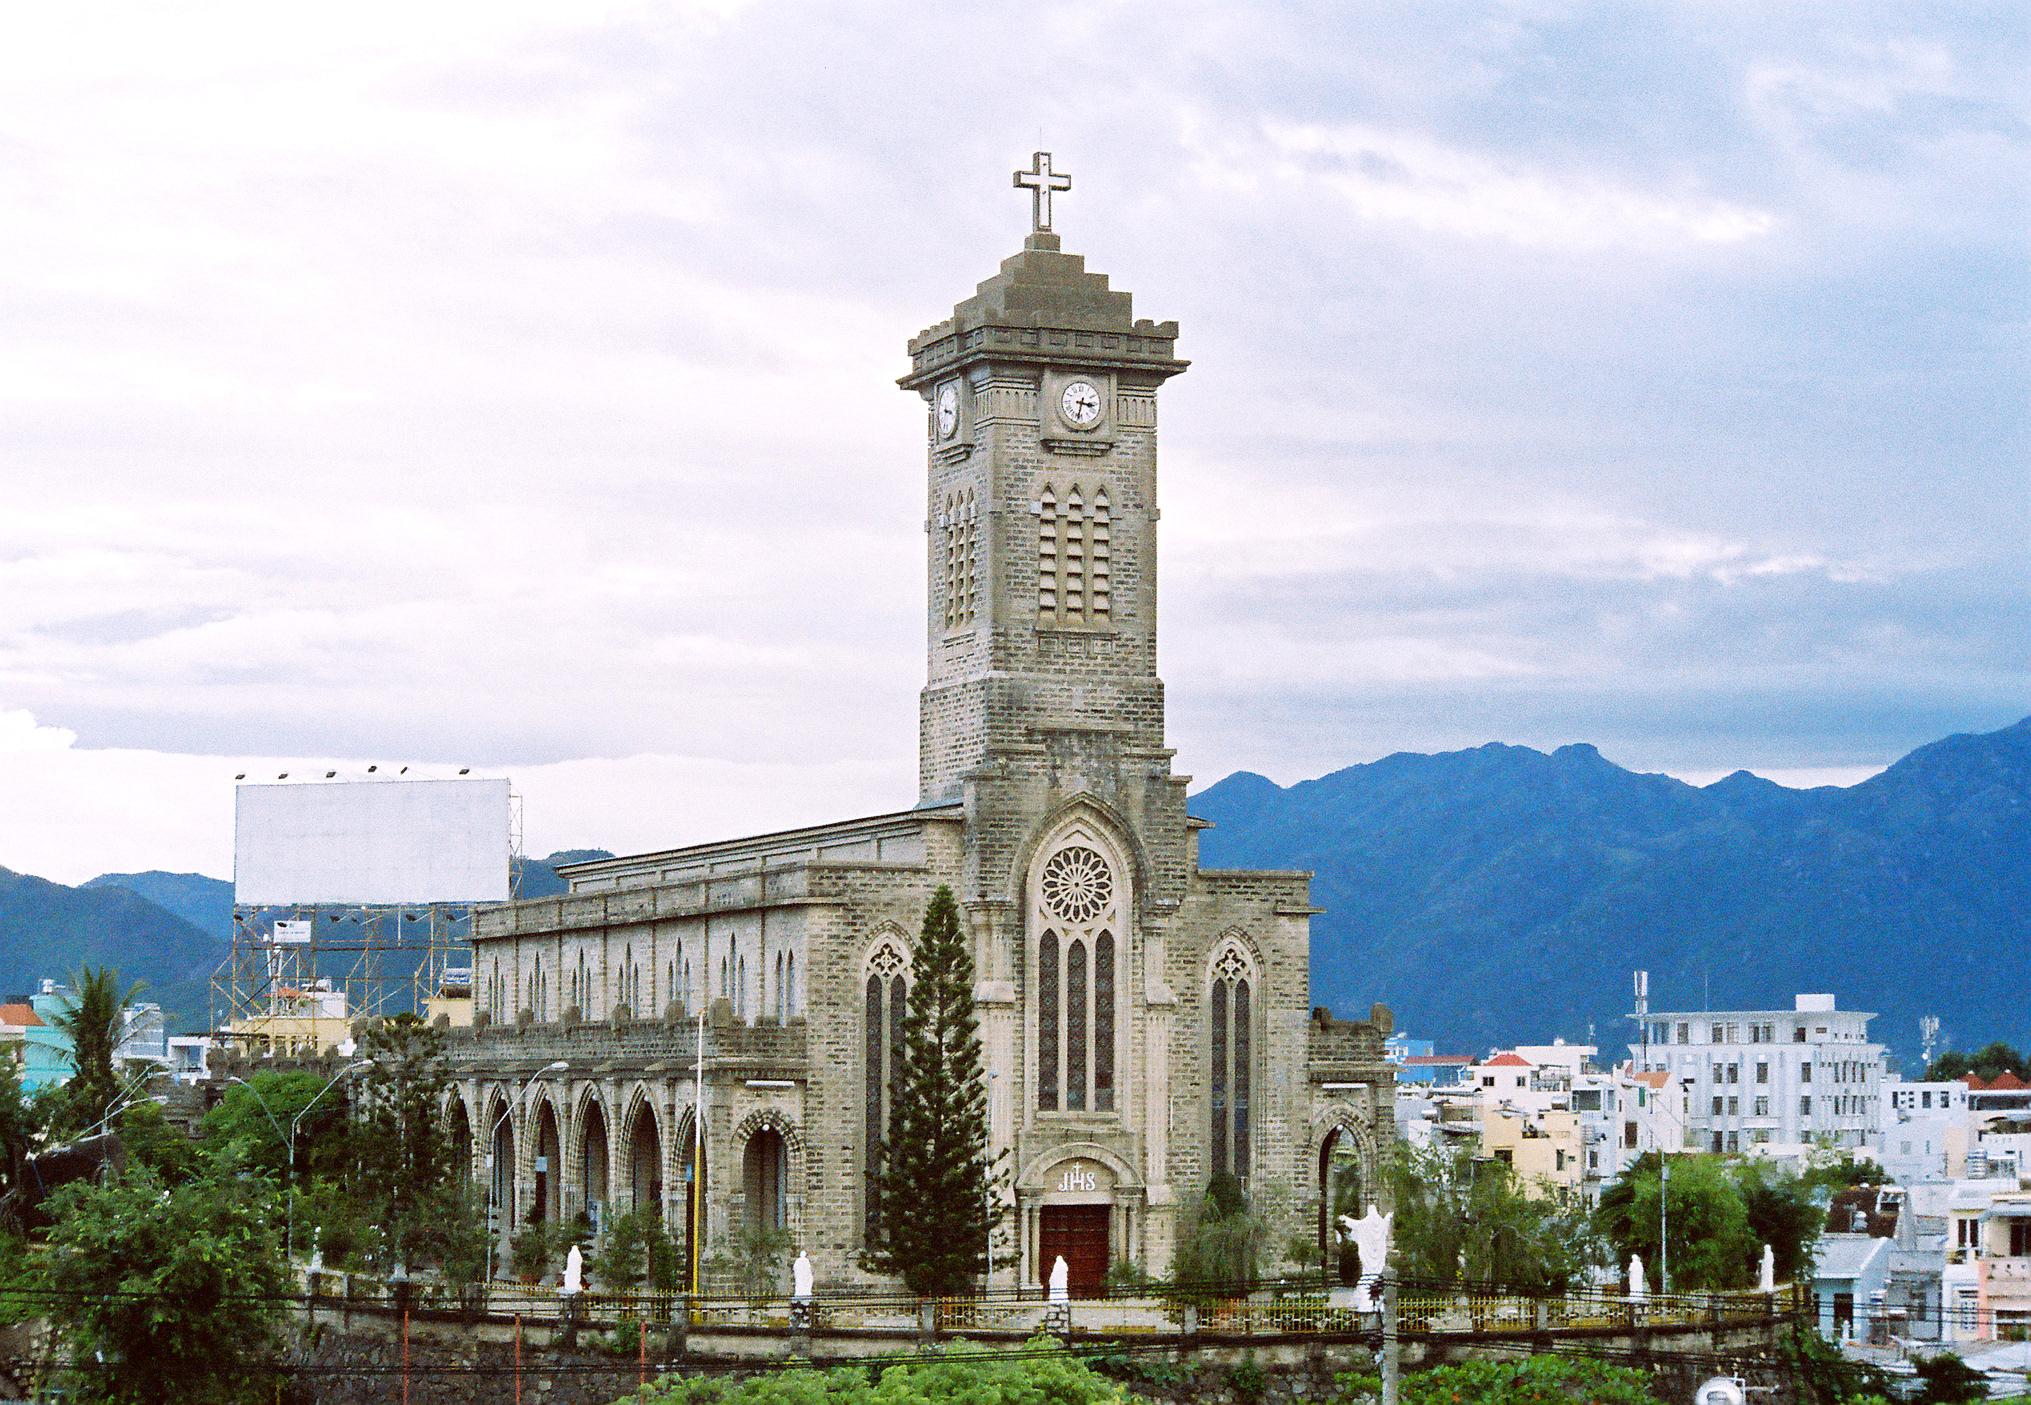 Nhà thờ Đá hay Nhà thờ Núi Nha Trang